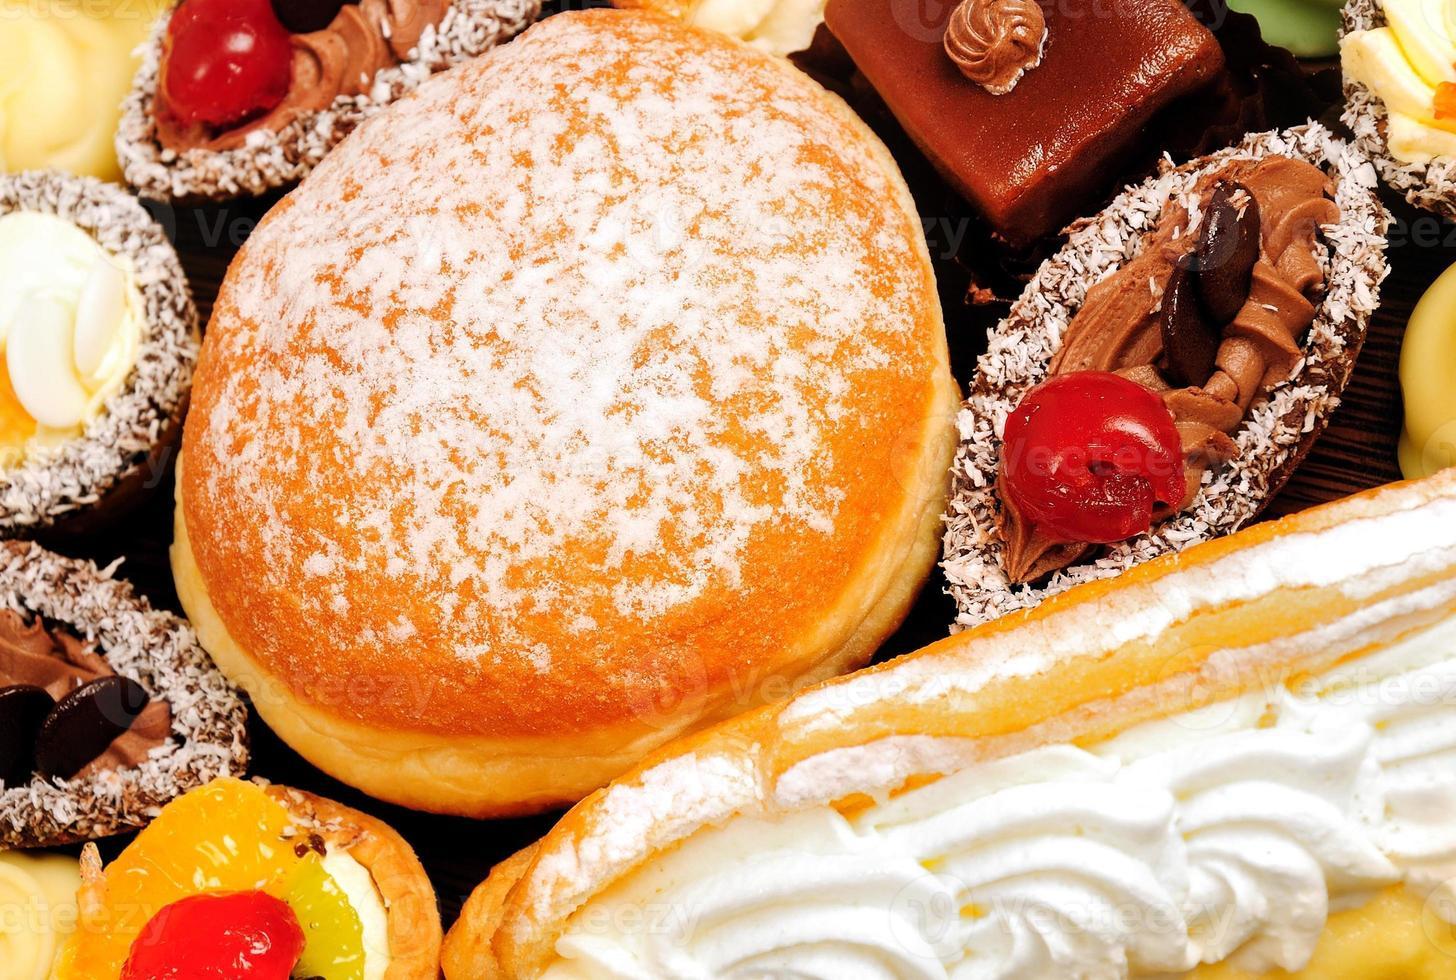 Many cakes and donat photo